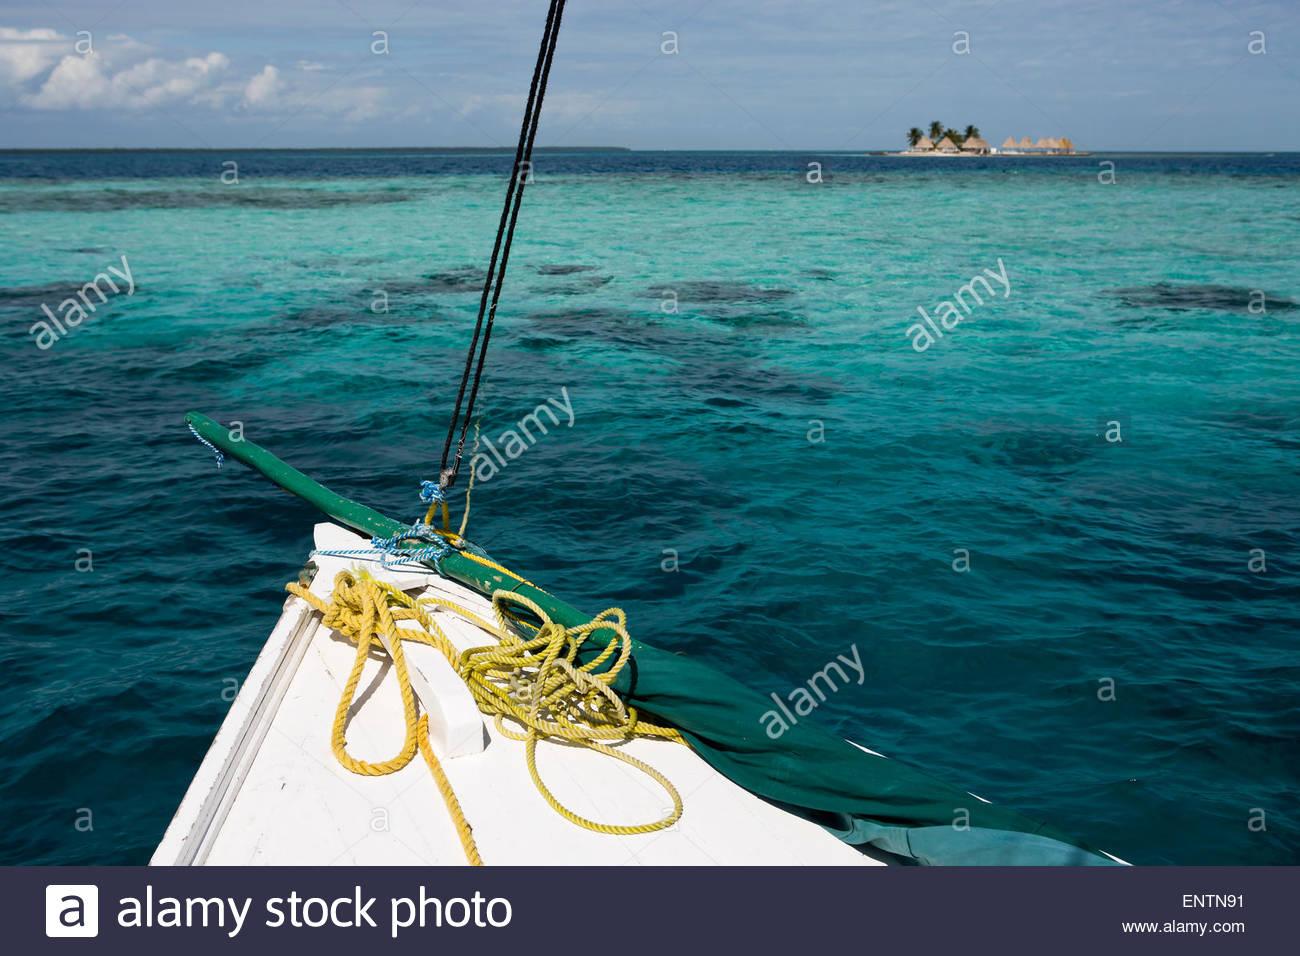 10b290dfa13648 La punta di una barca a vela e un piccolo atollo di Isola nel mare dei  Caraibi al largo delle coste del Belize.